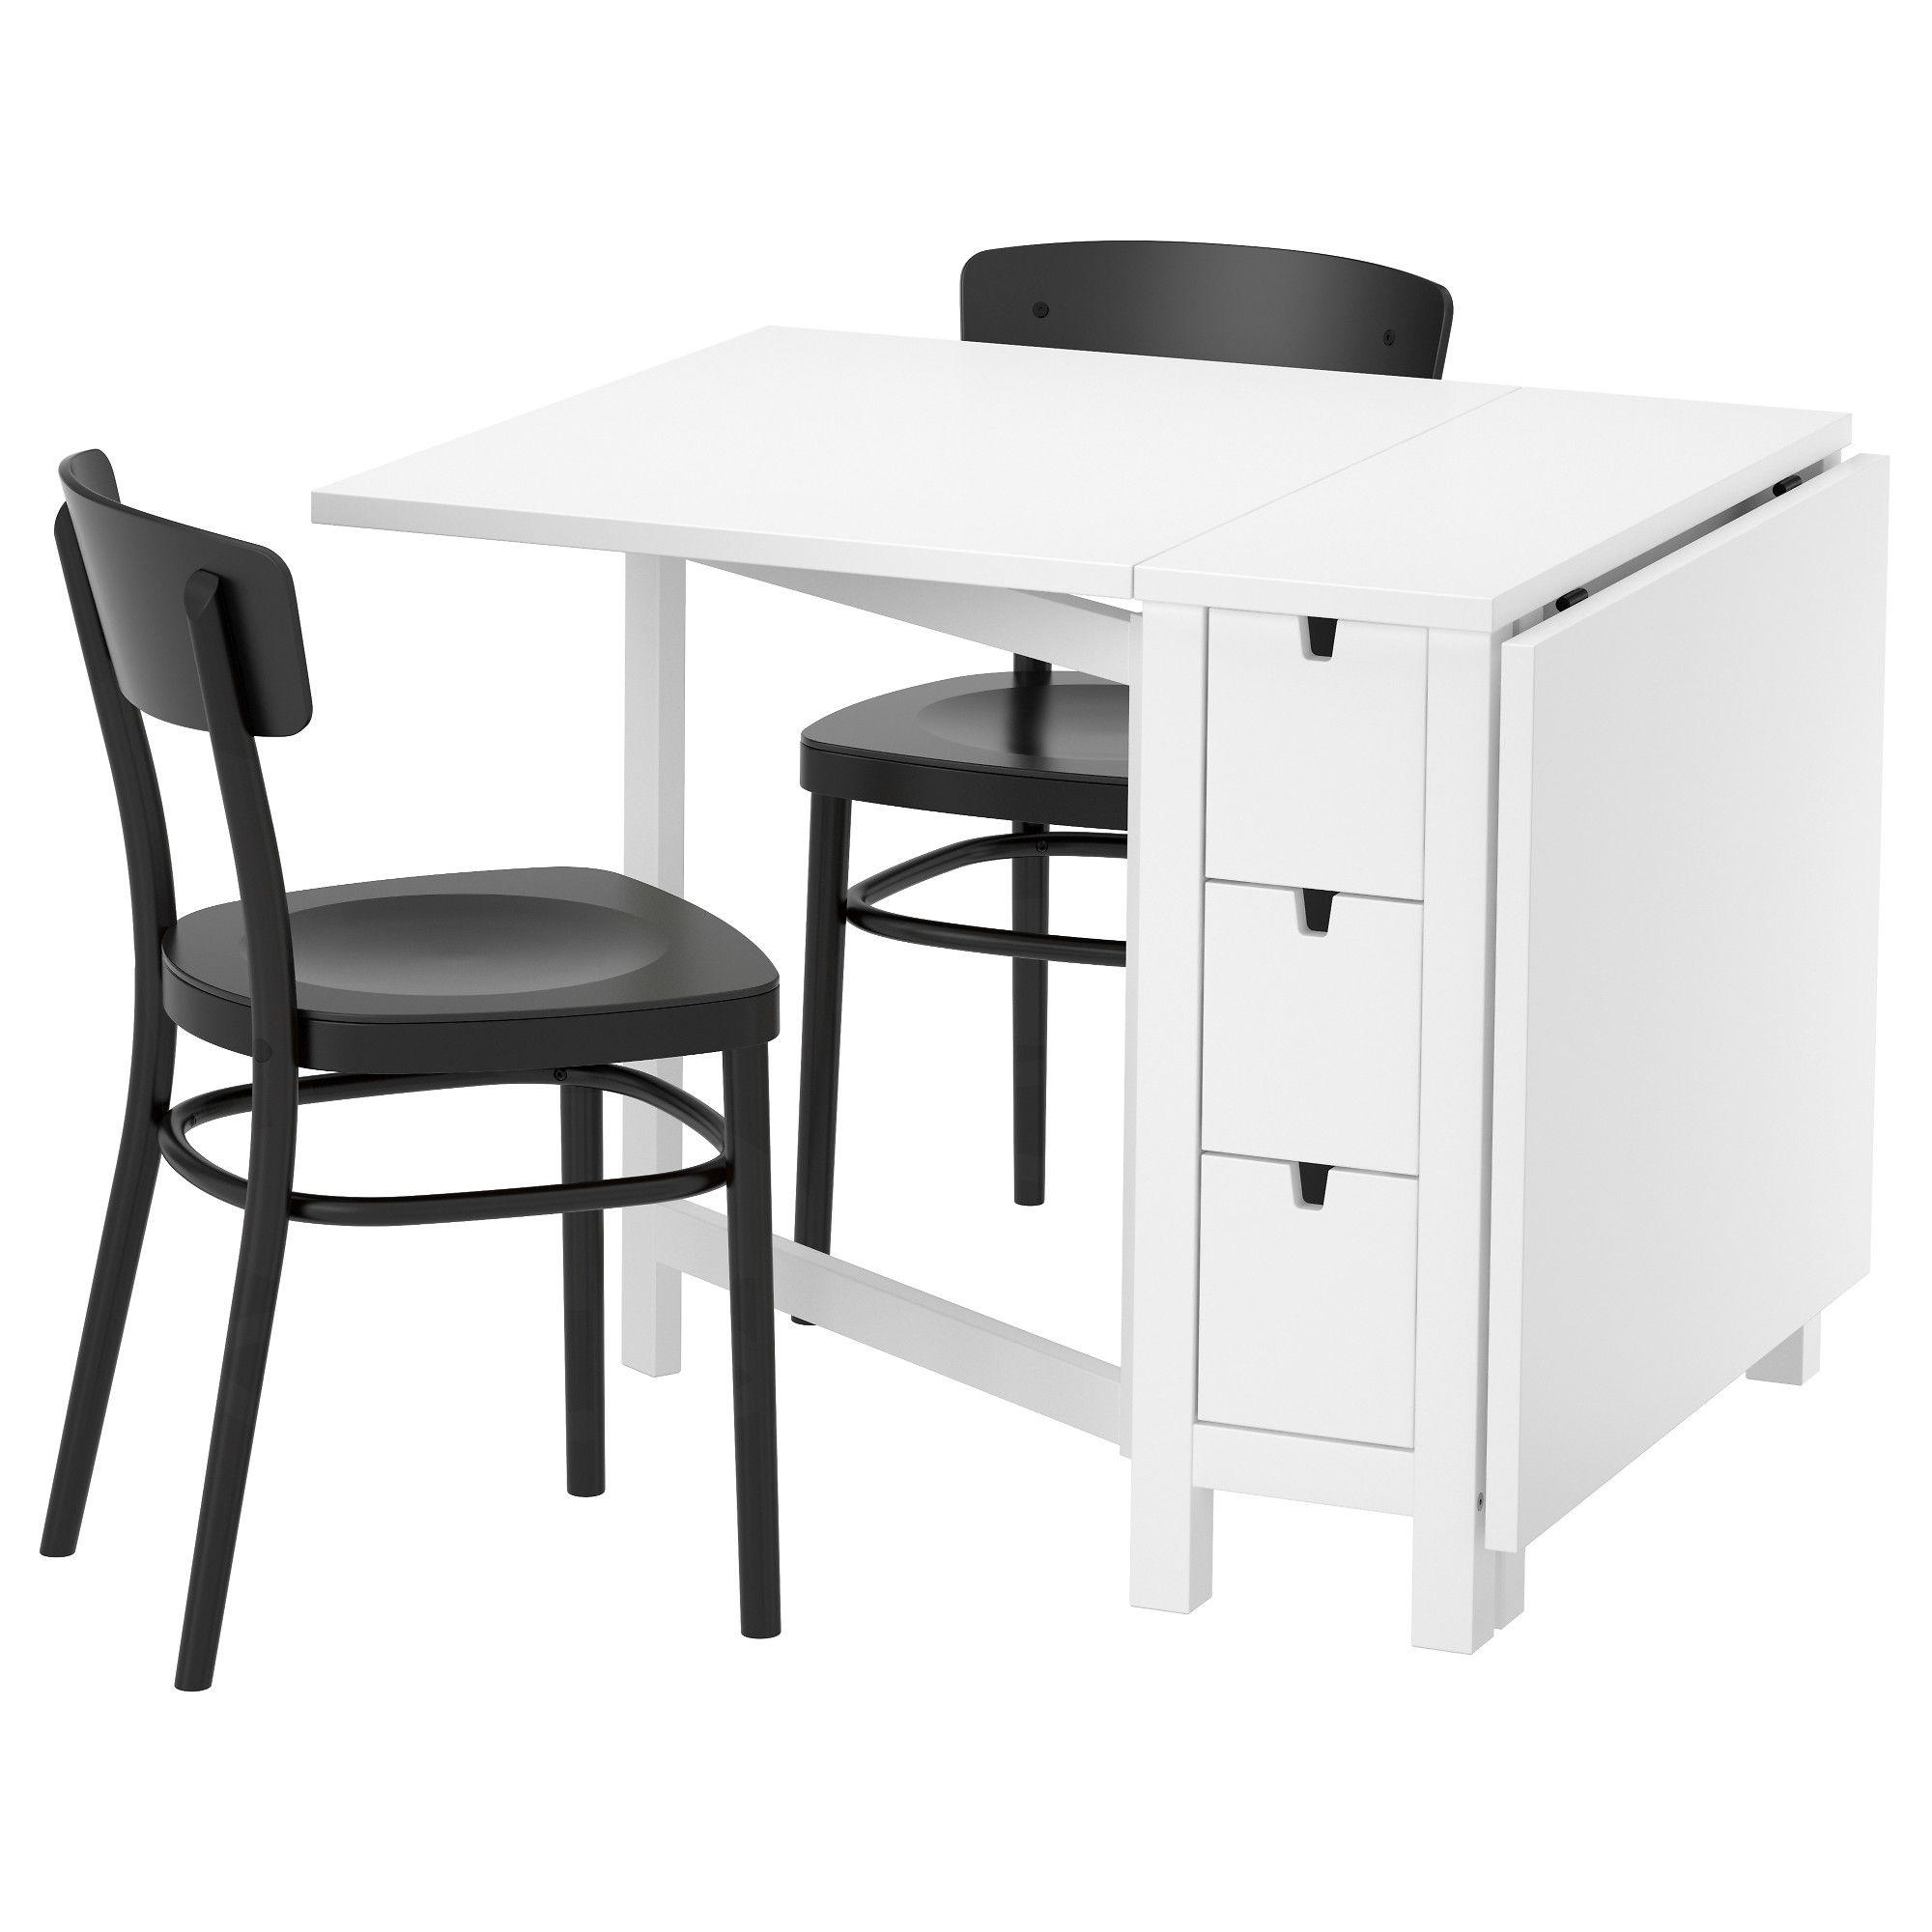 Norden Idolf Tisch Und 2 Stühle Ikea Ideen